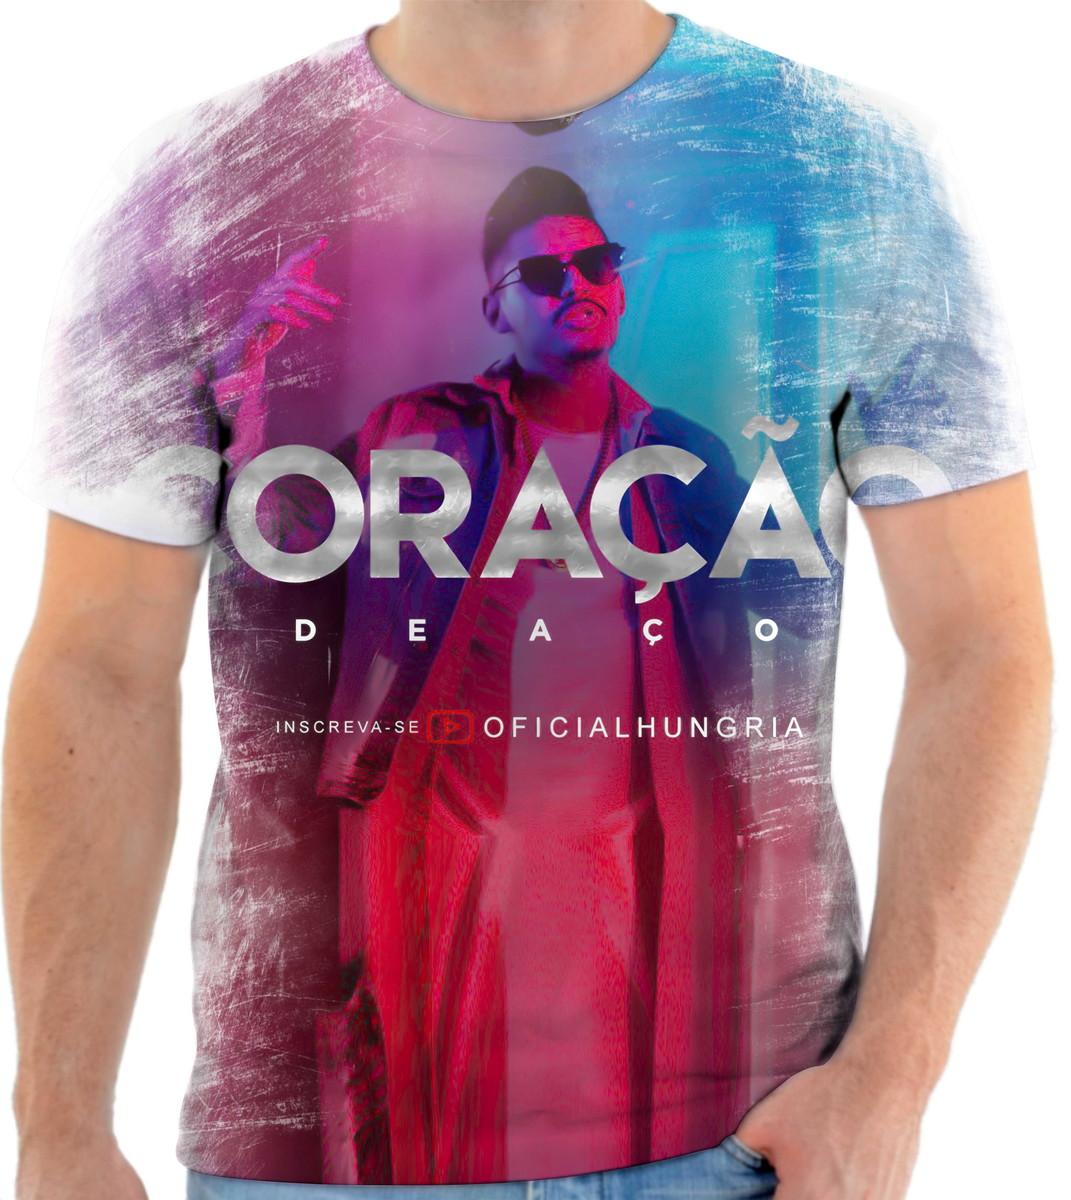 aee73142a7665 Camisa Camiseta Personaliza Cantor Hungria Hip Hop Rap 7 no Elo7 ...